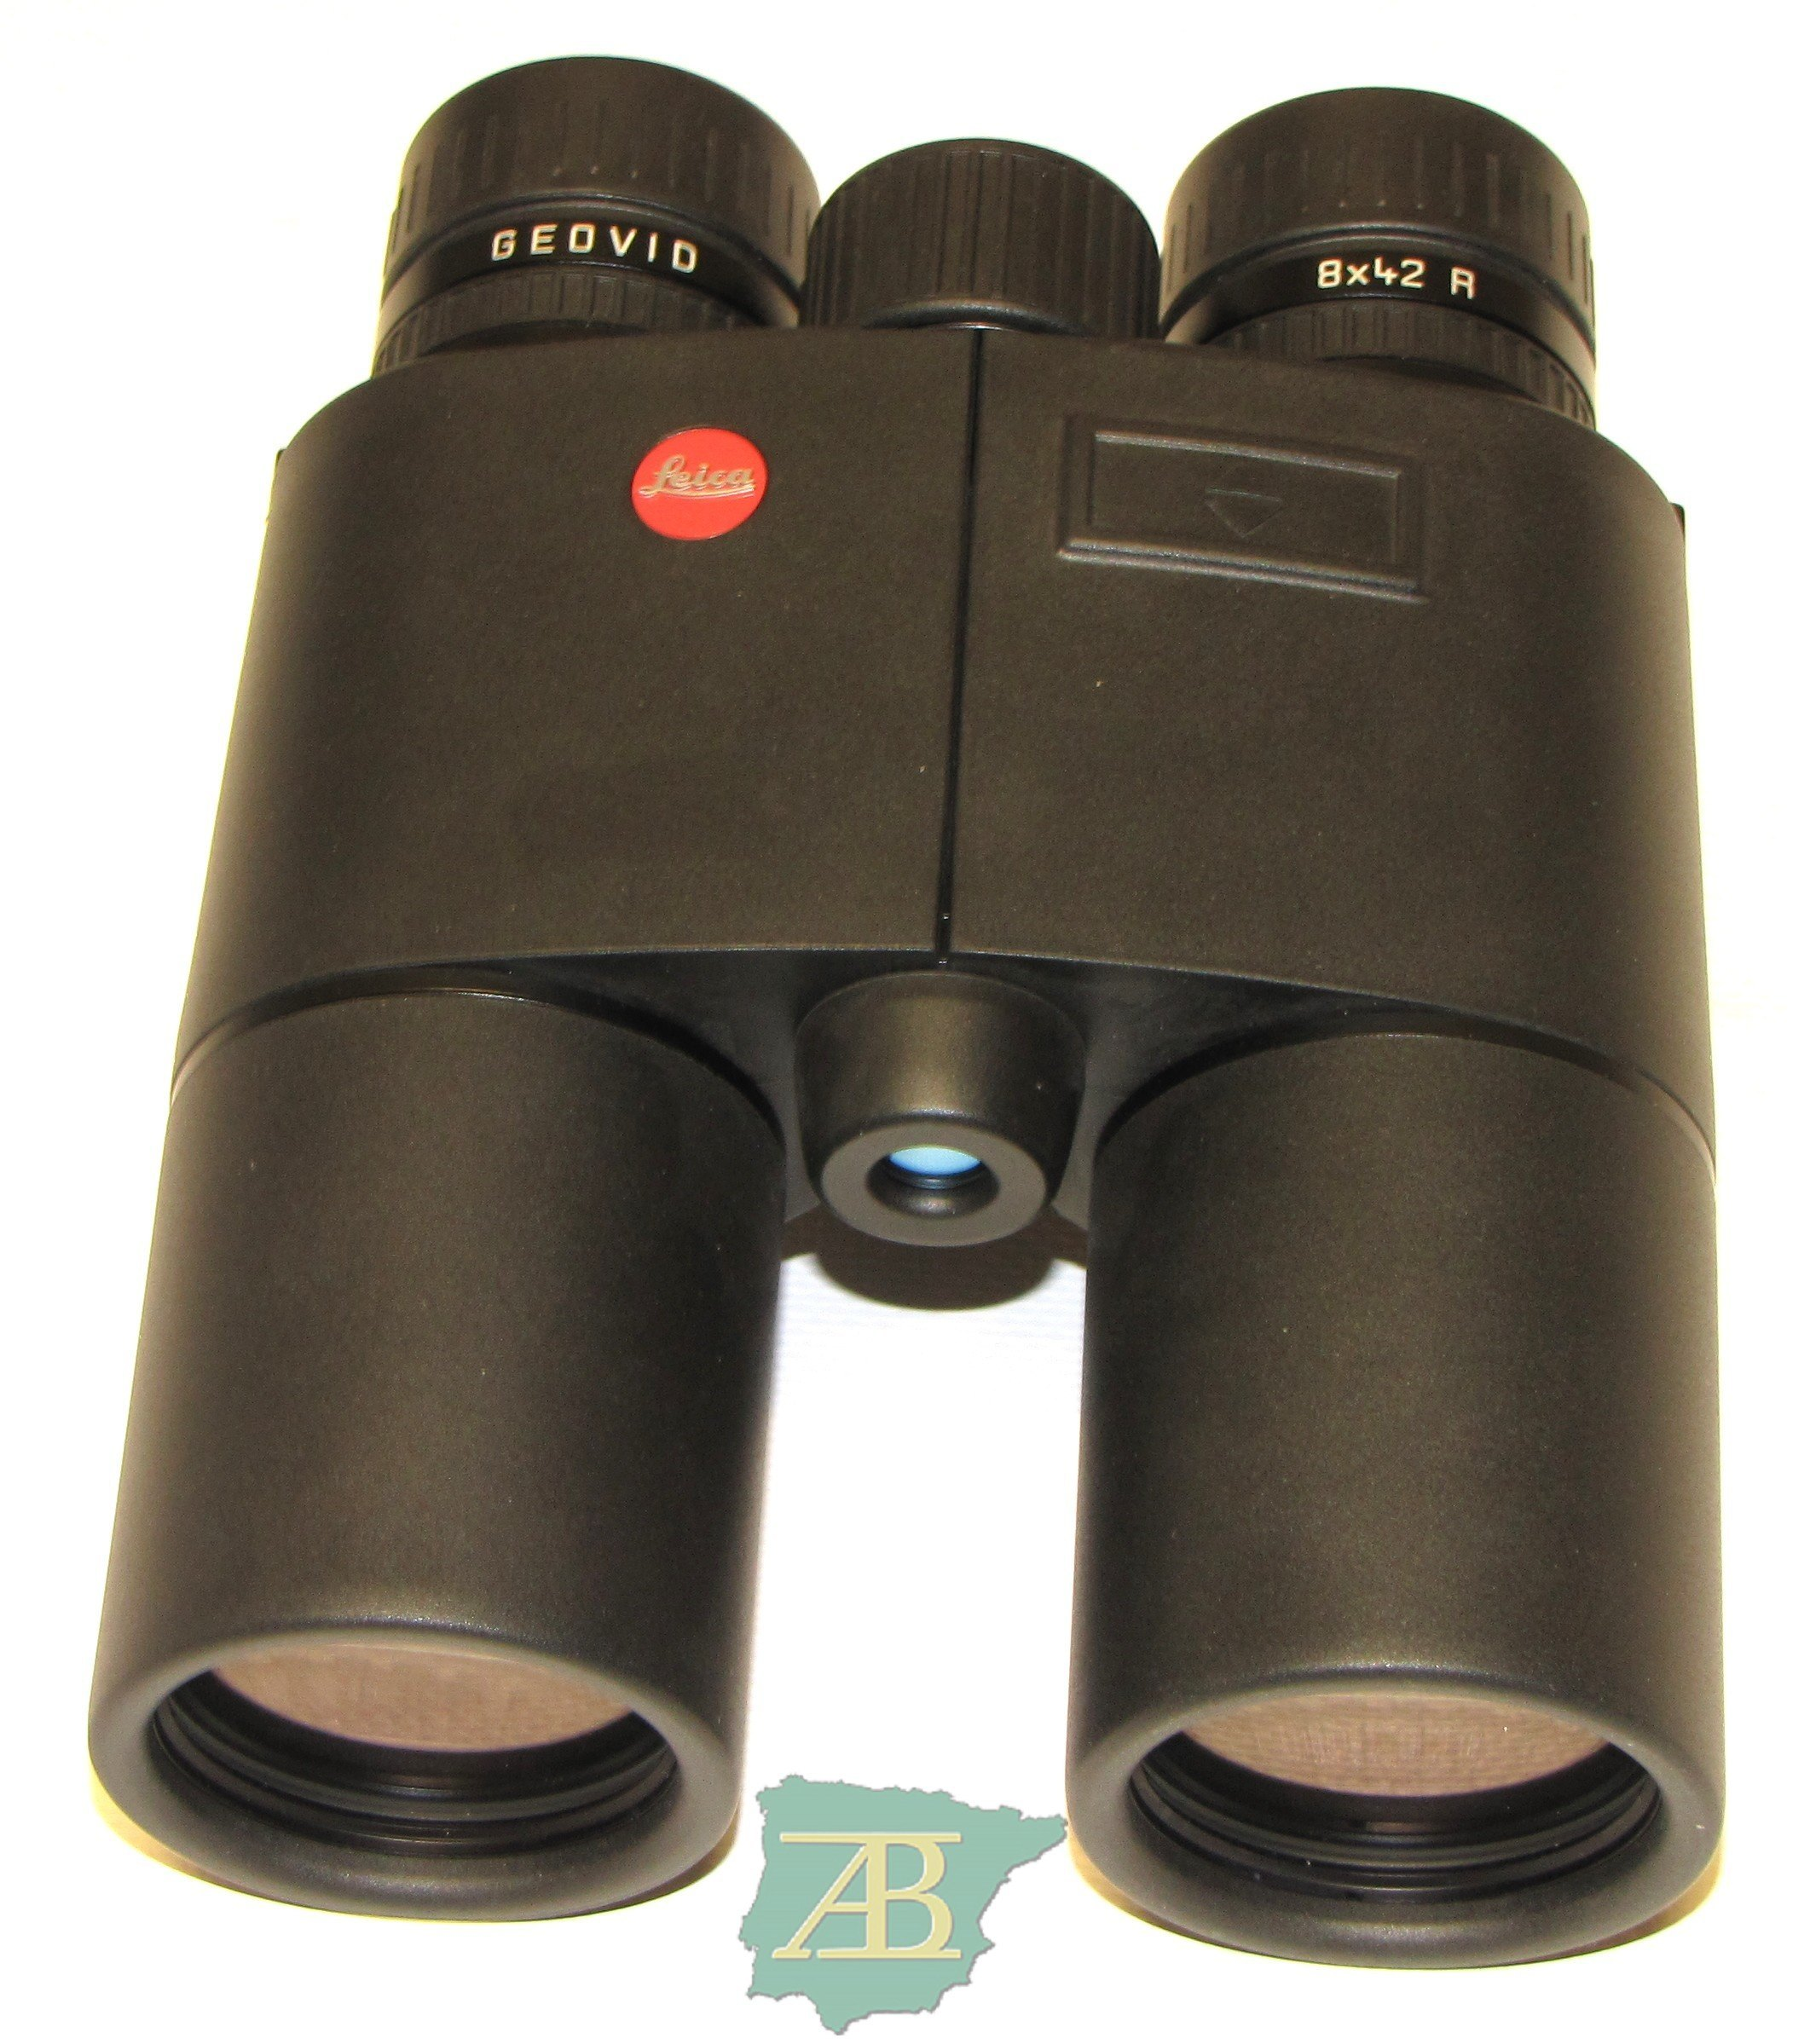 PRISMATICOS LEICA GEOVID 8X42 R